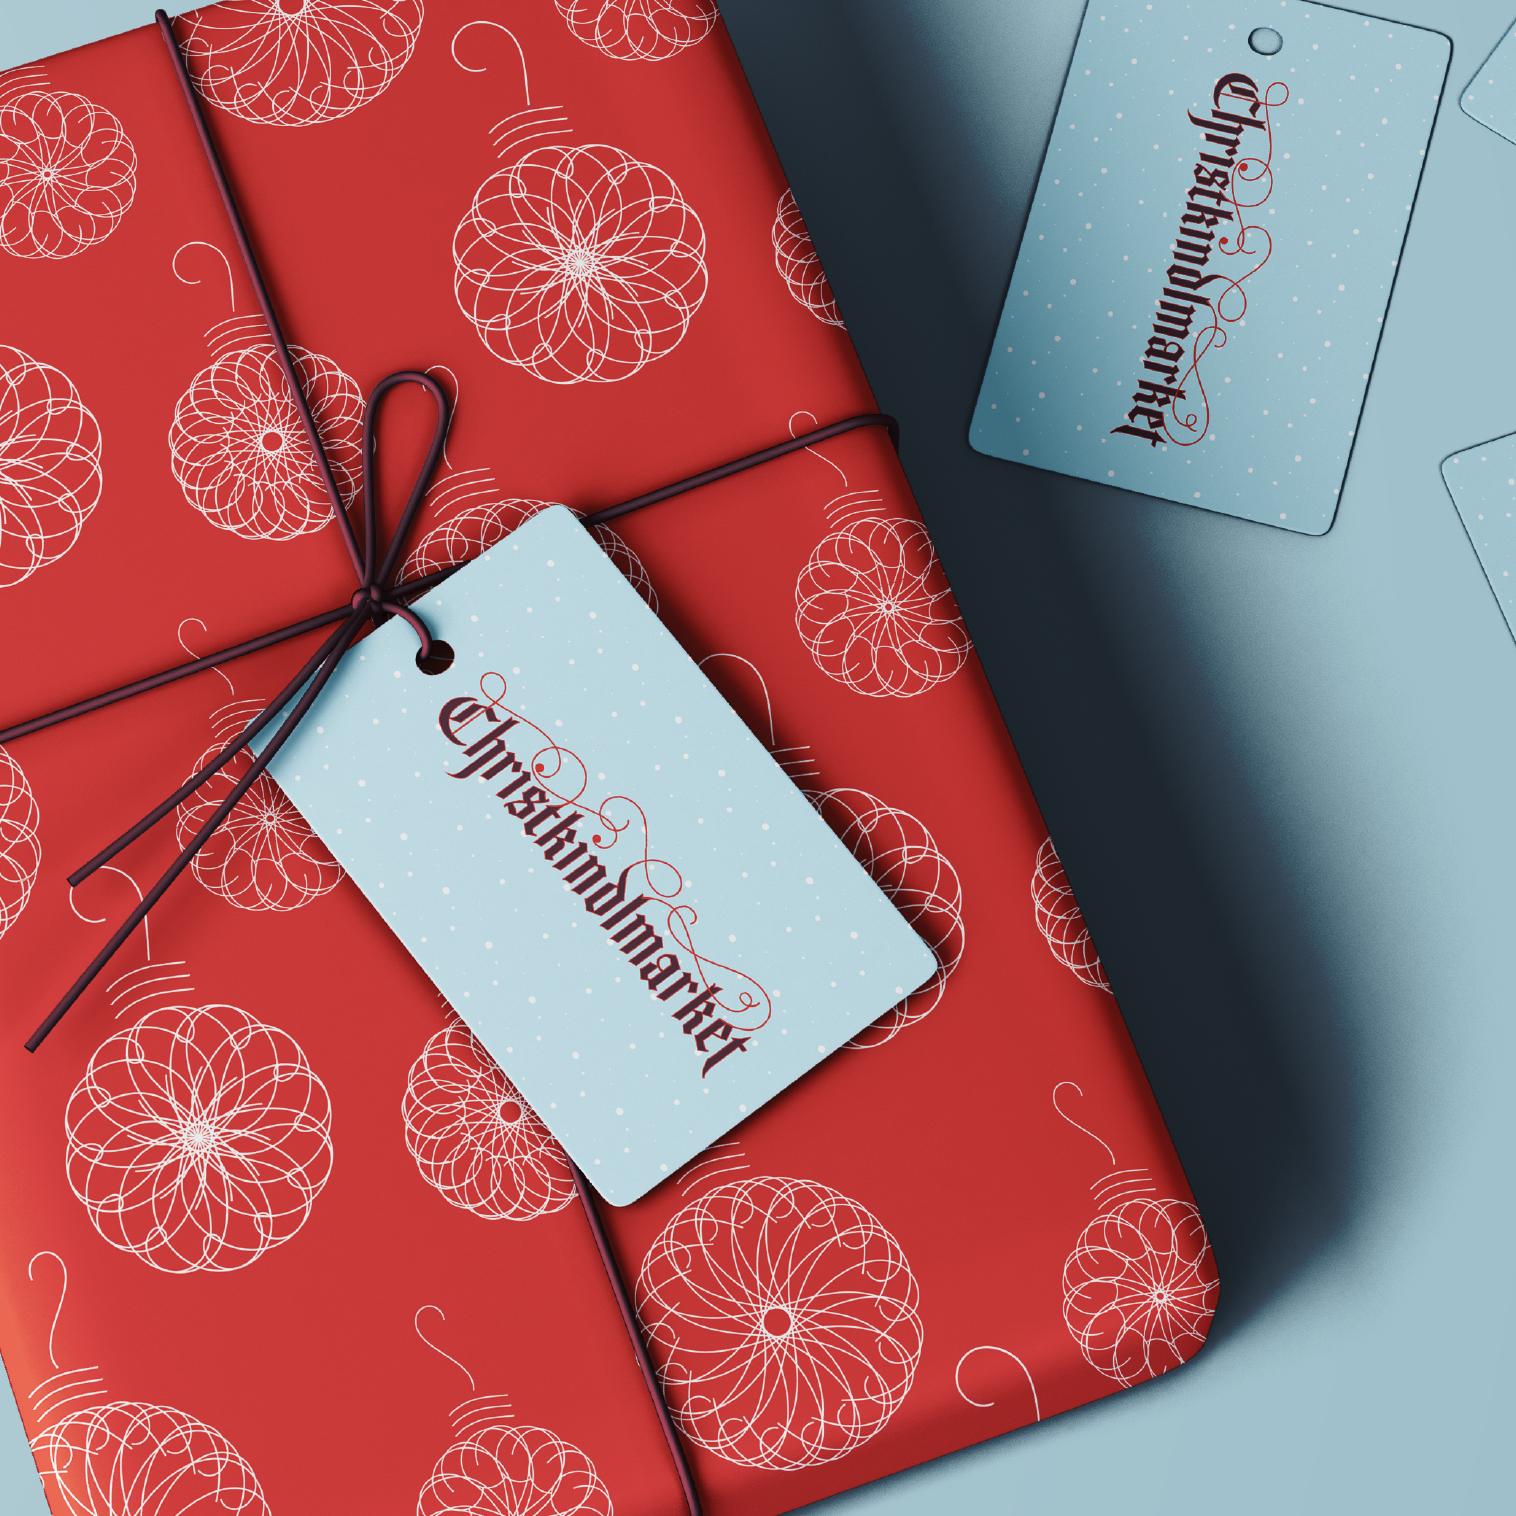 Branding for Christkindlmarket — Designed by Caitlin Hottinger